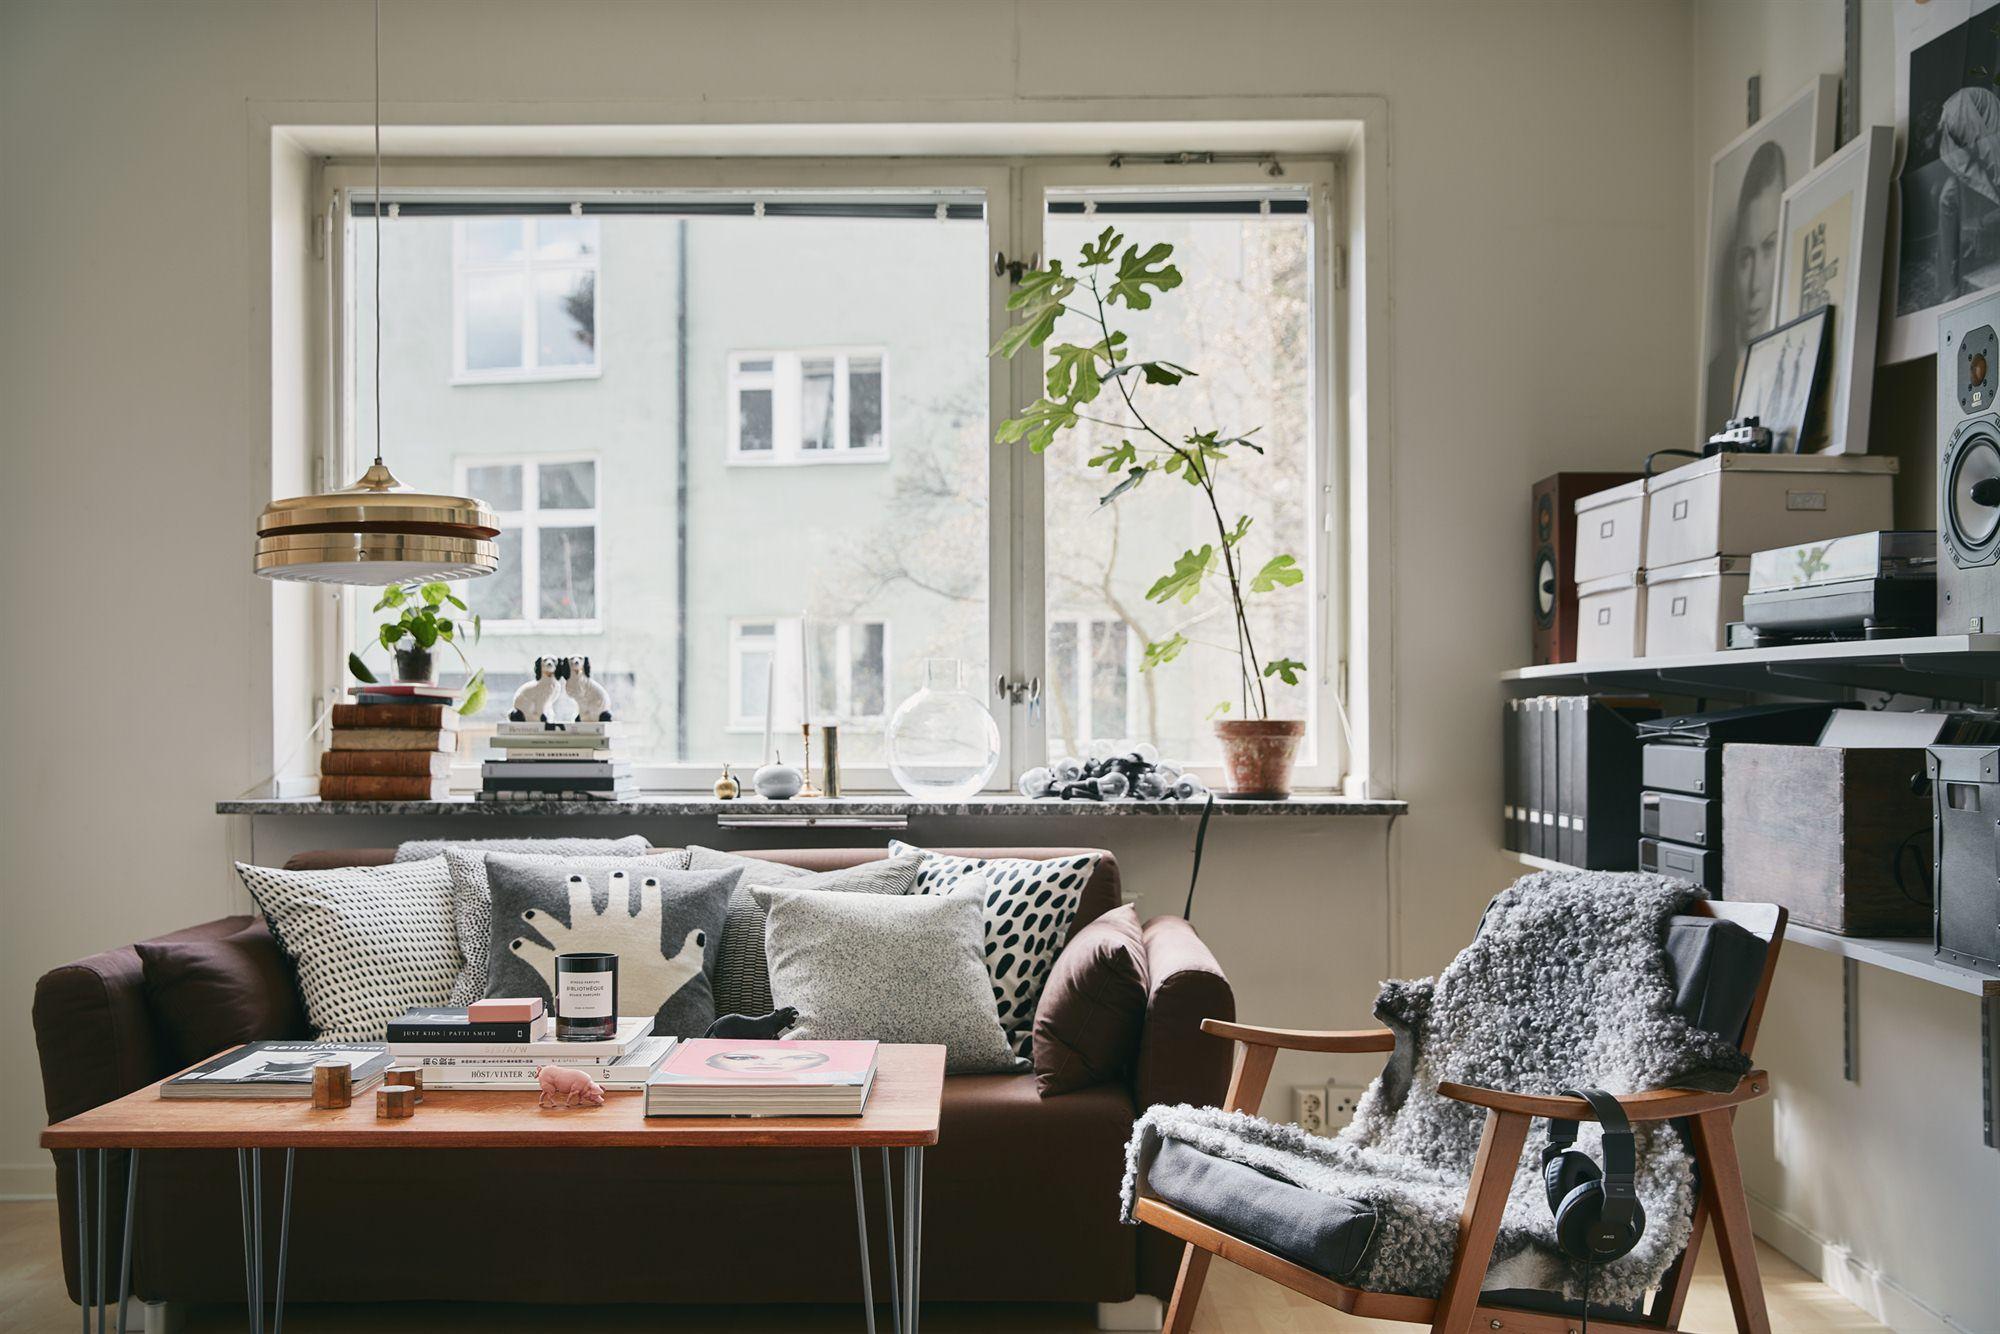 Innenarchitektur wohnzimmer für kleine wohnung per lindeströms väg   fantastic frank  living room  pinterest